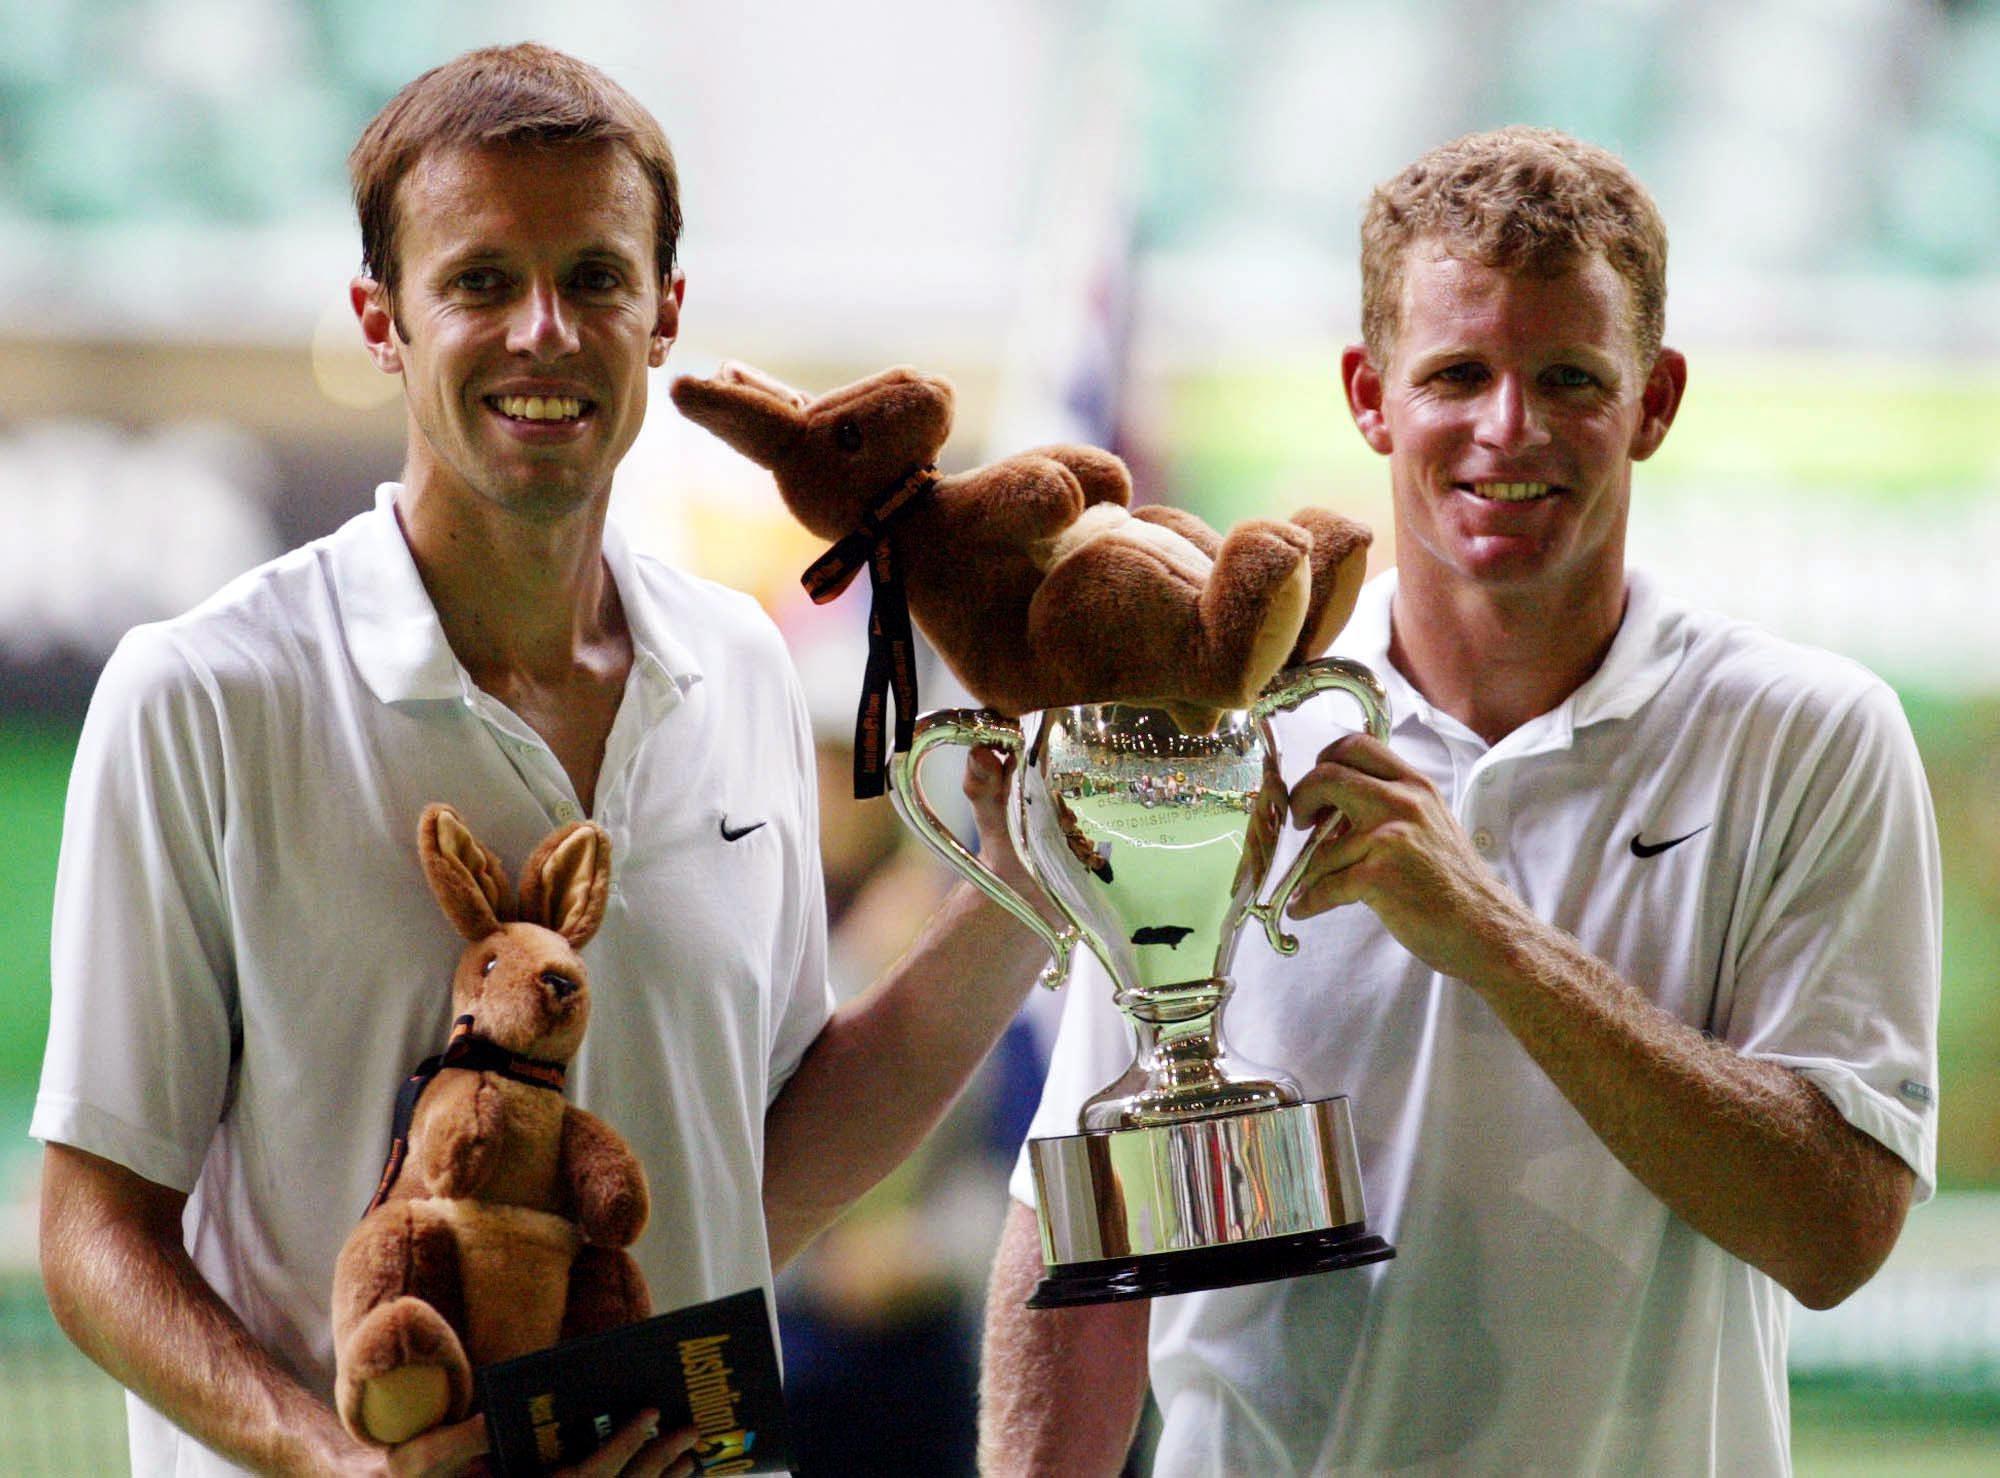 Daniel Nestor et son partenaire posent avec le trophée du tournoi